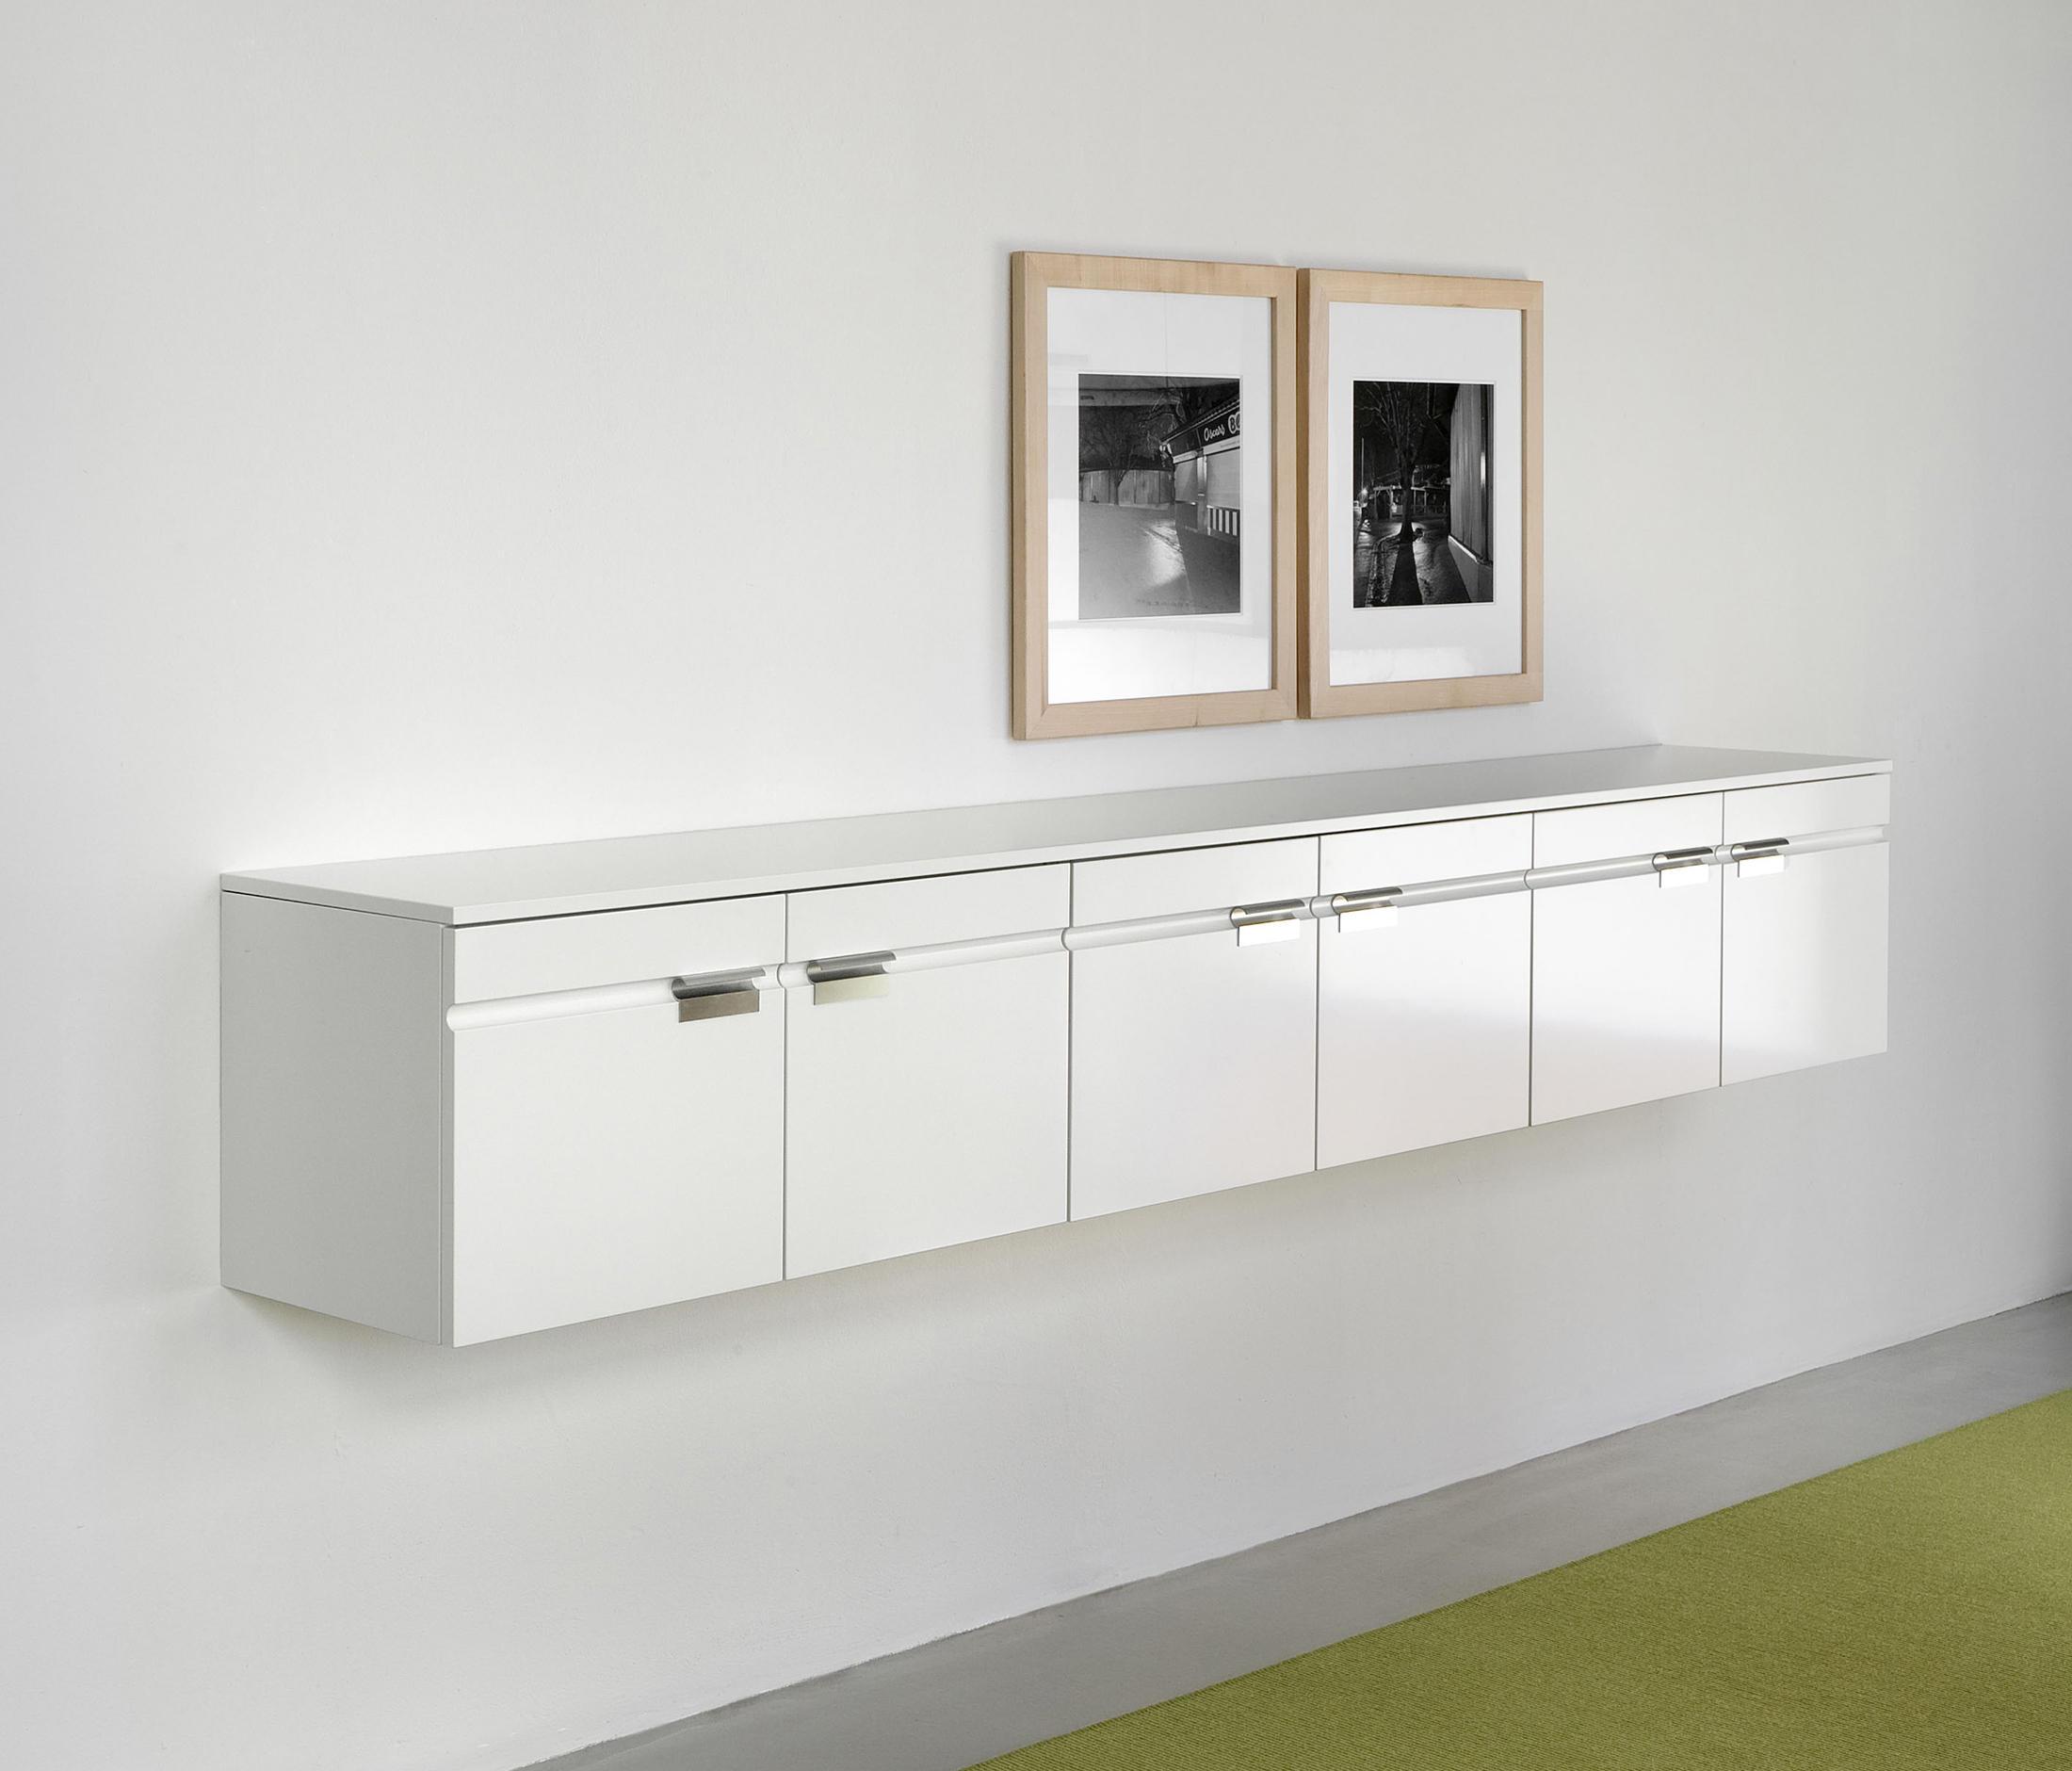 Do4100 cabinet system b roschr nke von designoffice for Design office 4100